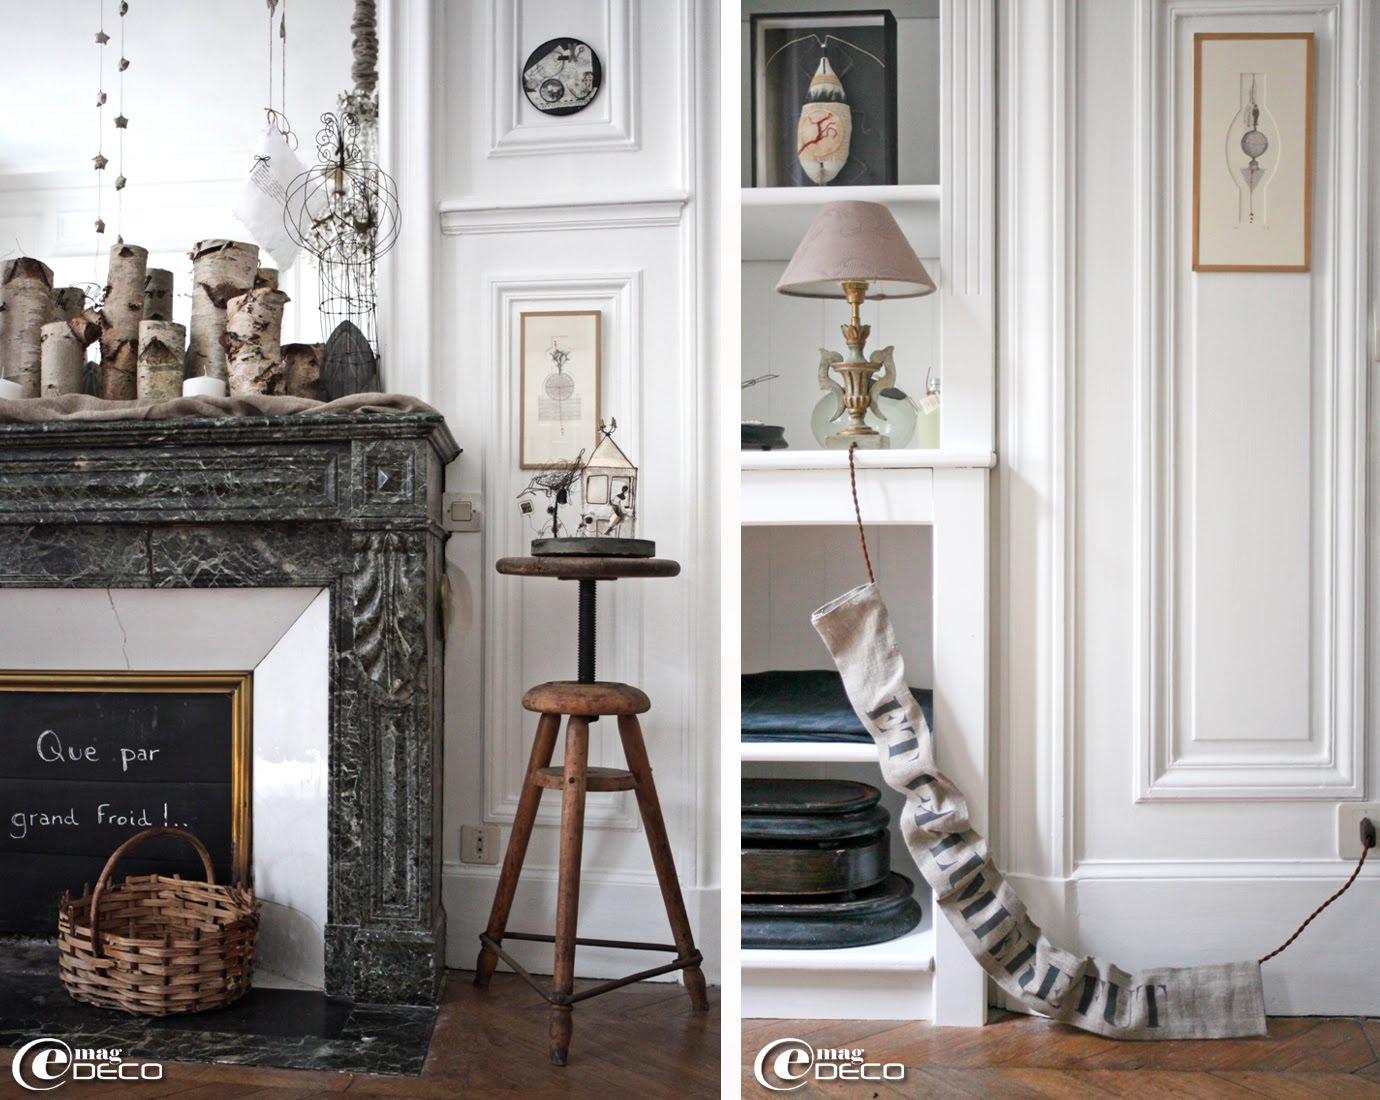 Une maison de passionn s pr s de rouen e magdeco for Peinture interieur maison renover